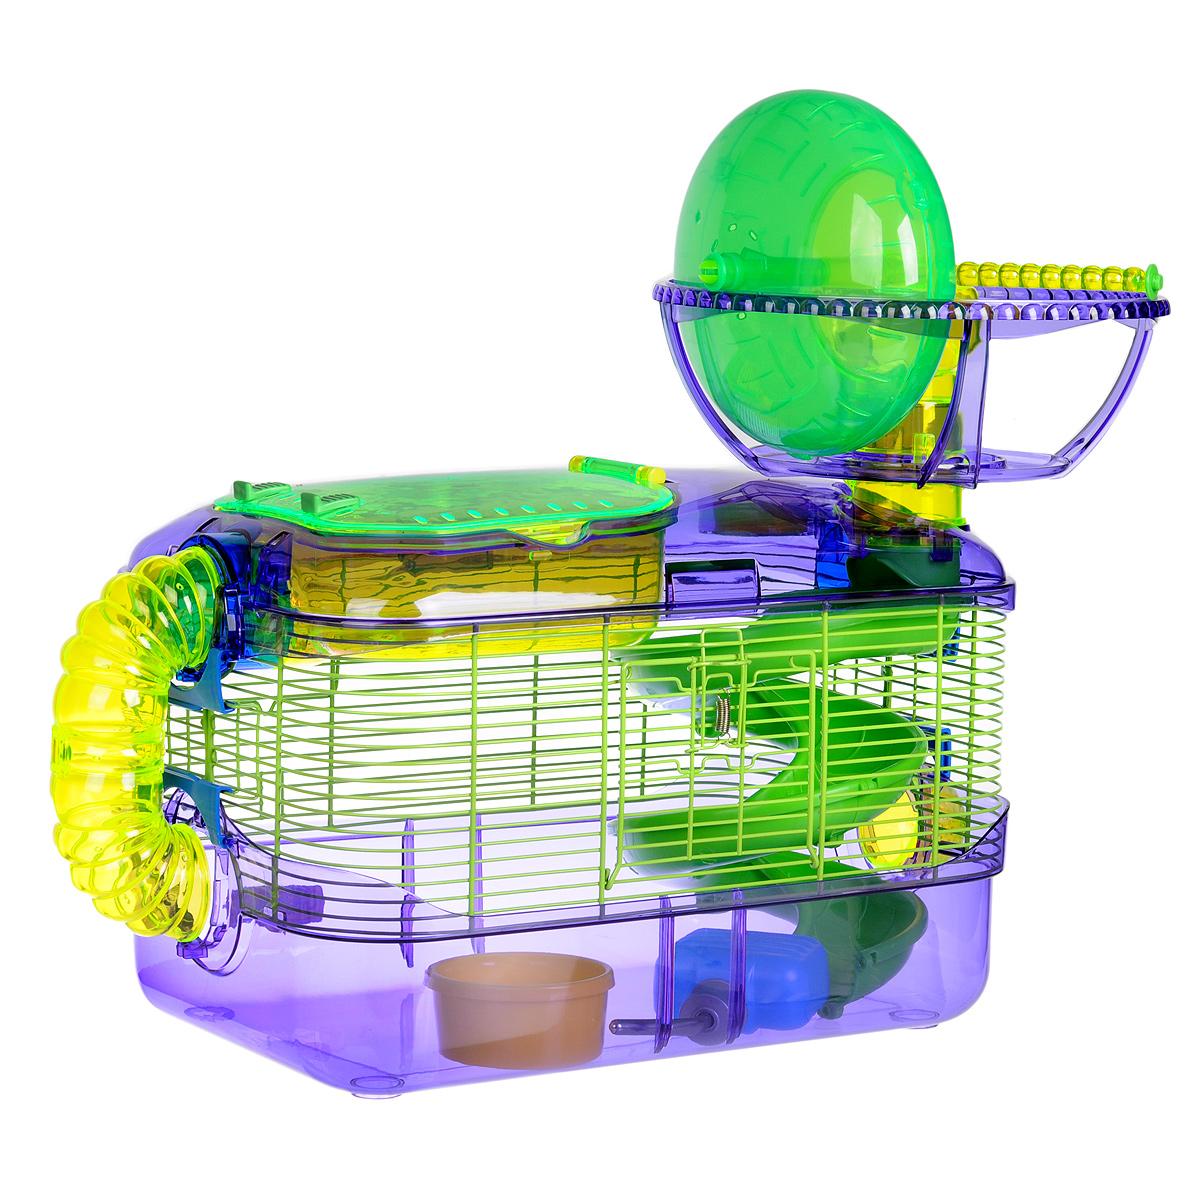 Клетка для грызунов I.P.T.S. X-treme, с игровым комплексом, 54 см х 32 см х 46 см24877/285012Просторная клетка для грызунов I.P.T.S. X-treme будет служить домом и одновременно местом для экстремальных развлечений. Лабиринты, разные уровни, колесо для упражнений, специальная труба для передвижения - все это позволит грызуну всегда оставаться в хорошей физической форме. Клетка снабжена кормушкой и поилкой. Такая клетка станет уединенным личным пространством и уютным домиком для маленького грызуна.